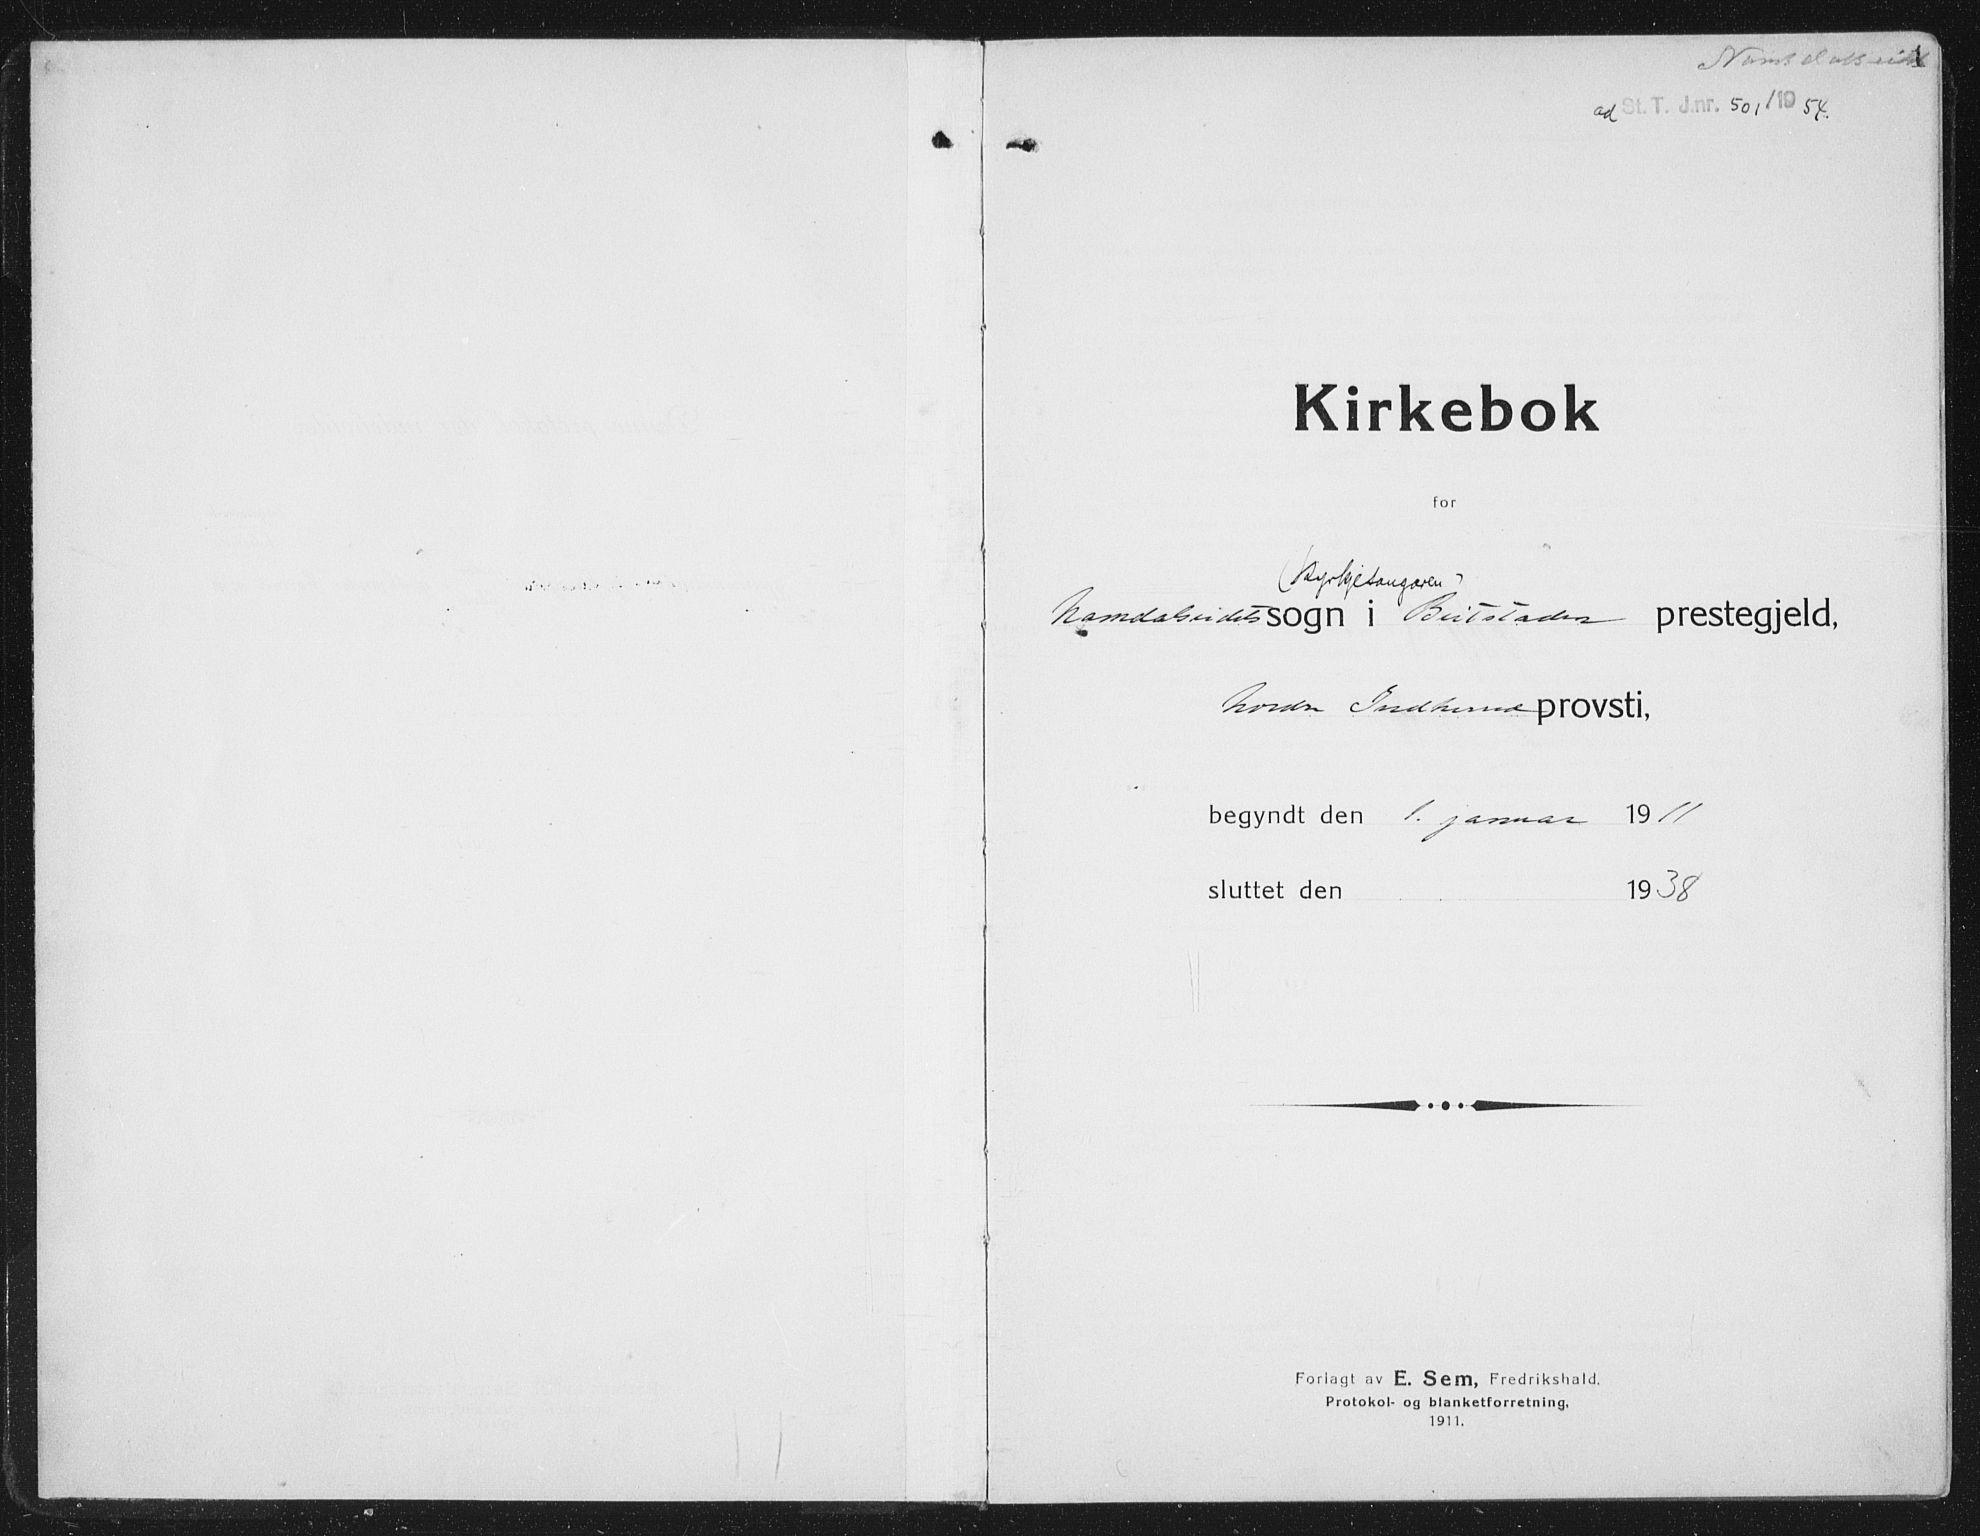 SAT, Ministerialprotokoller, klokkerbøker og fødselsregistre - Nord-Trøndelag, 742/L0413: Klokkerbok nr. 742C04, 1911-1938, s. 1